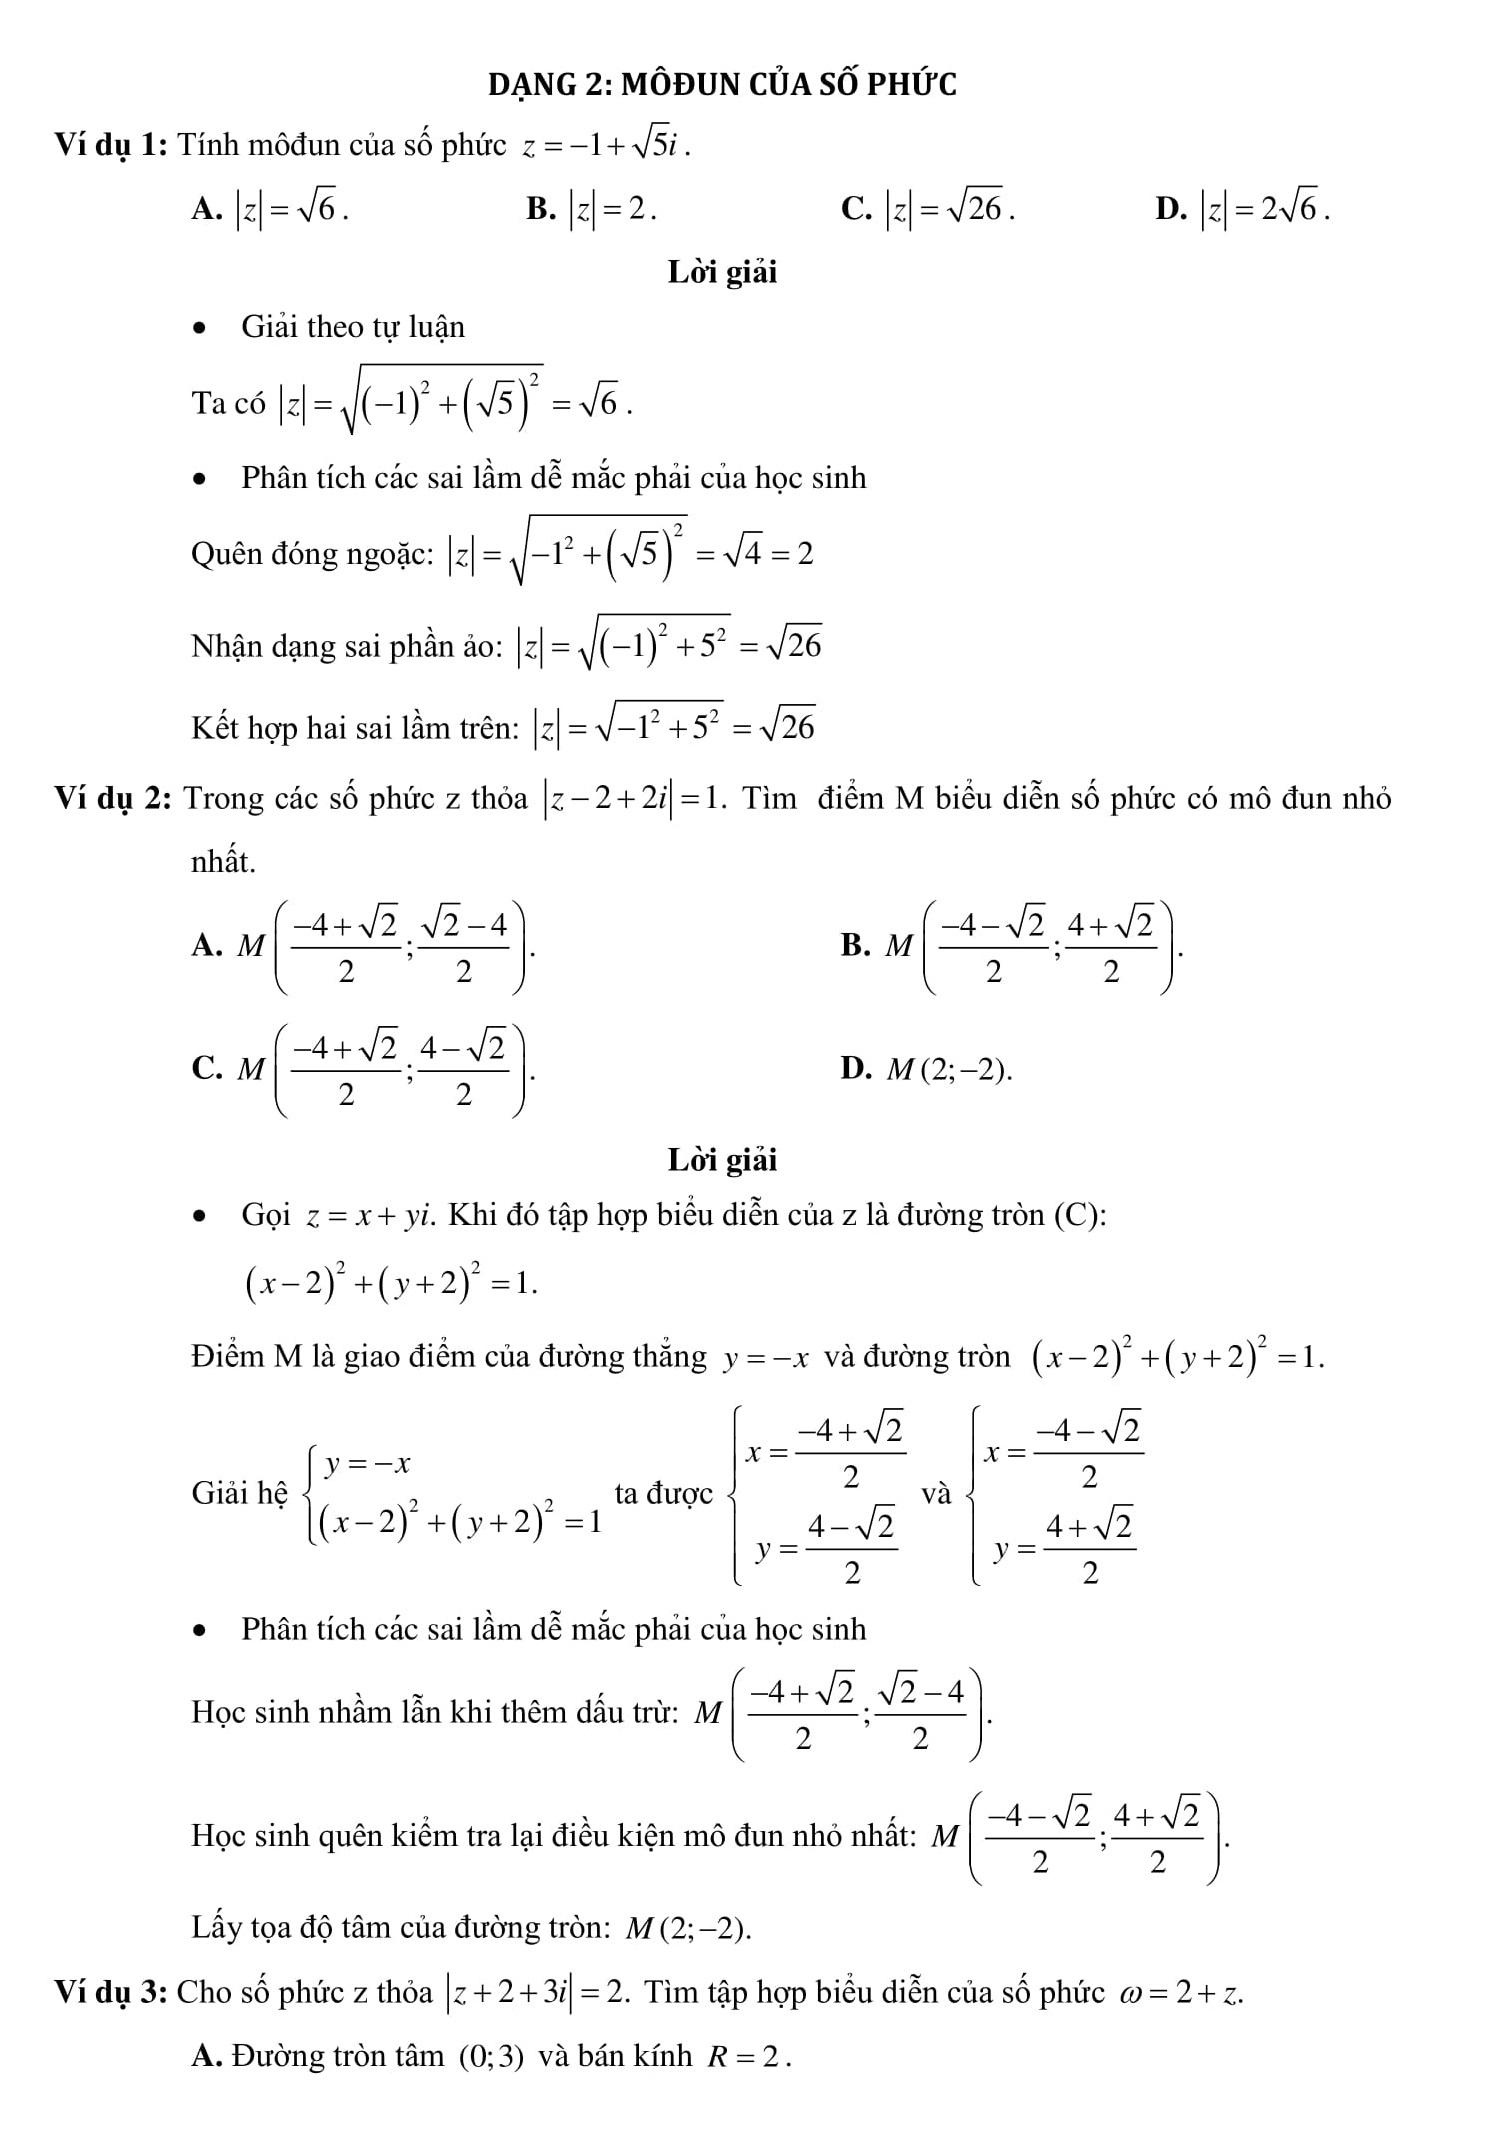 Toán 12 Chuyên đề 4 Số phức - Bài tập có lời giải